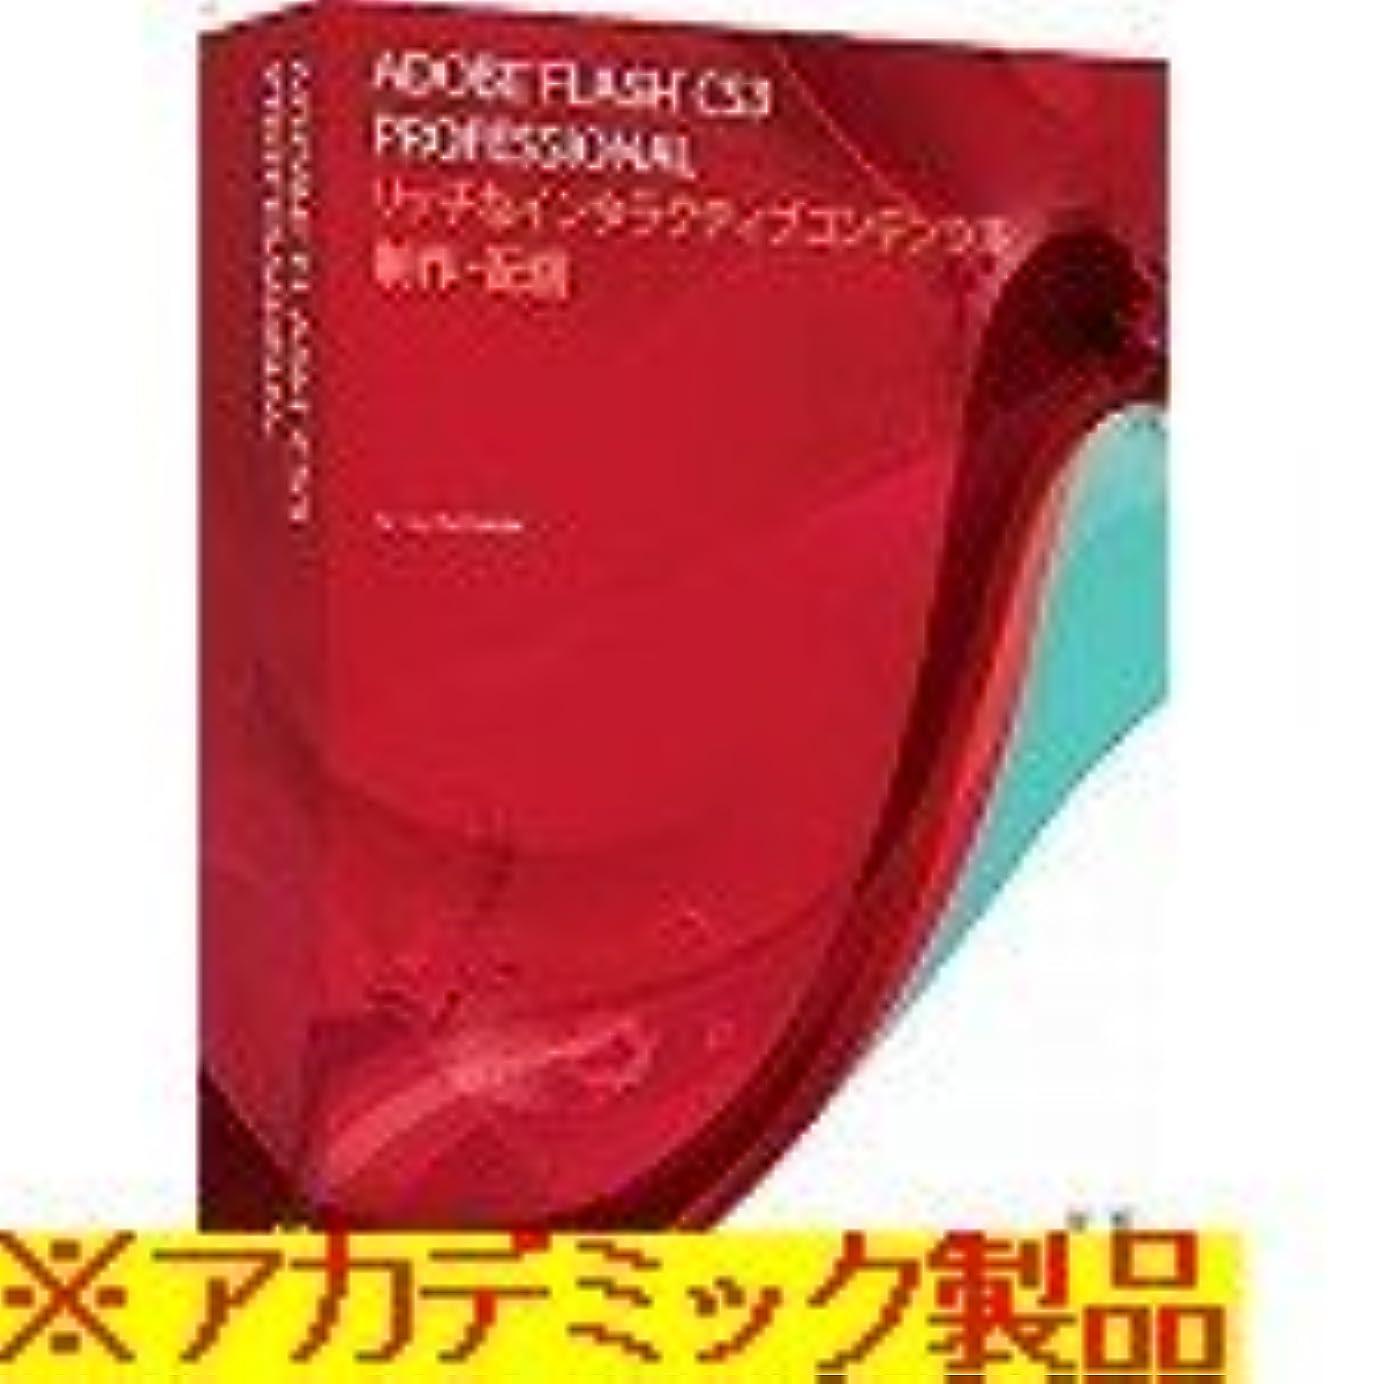 宙返りほとんどないシンプルな【Win版】Adobe Flash Pro CS3.0 (V9.0) 日本語版 Windows版 アカデミック(学生?教職員向け)